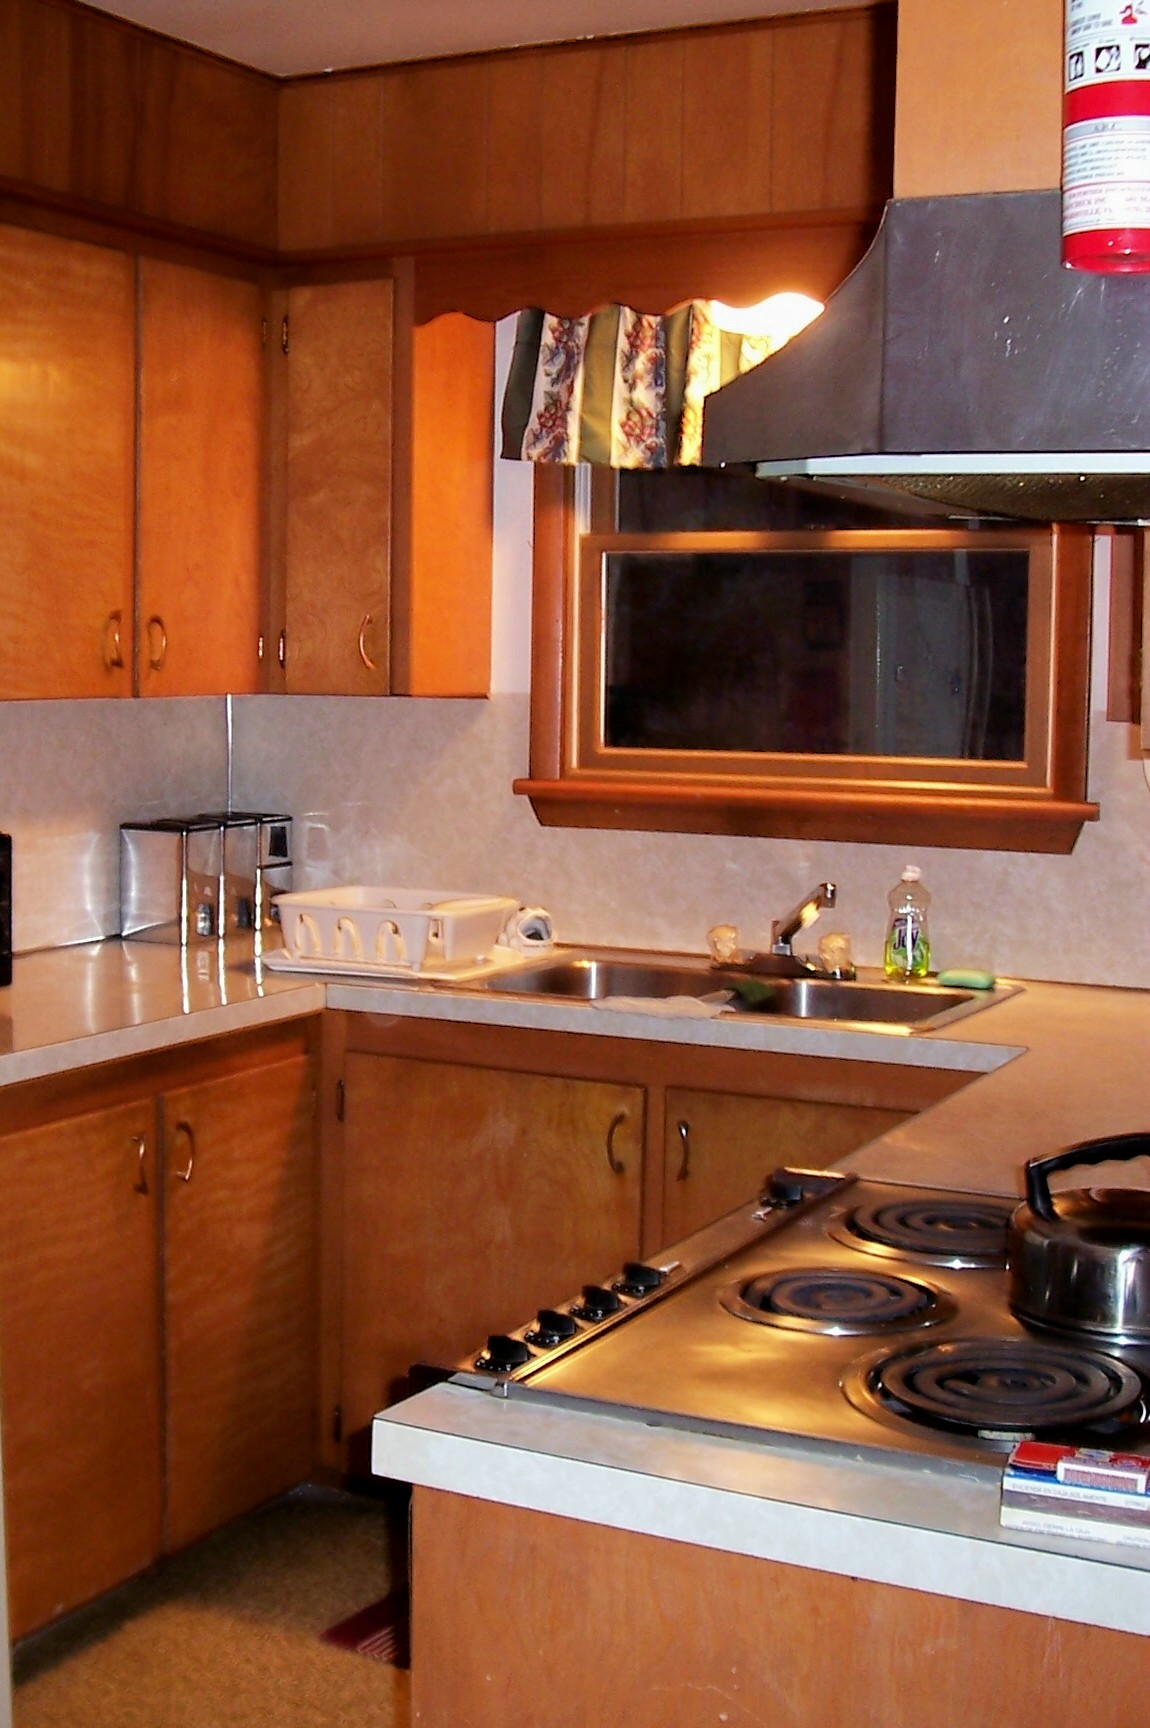 MRF Unit 1 Kitchen